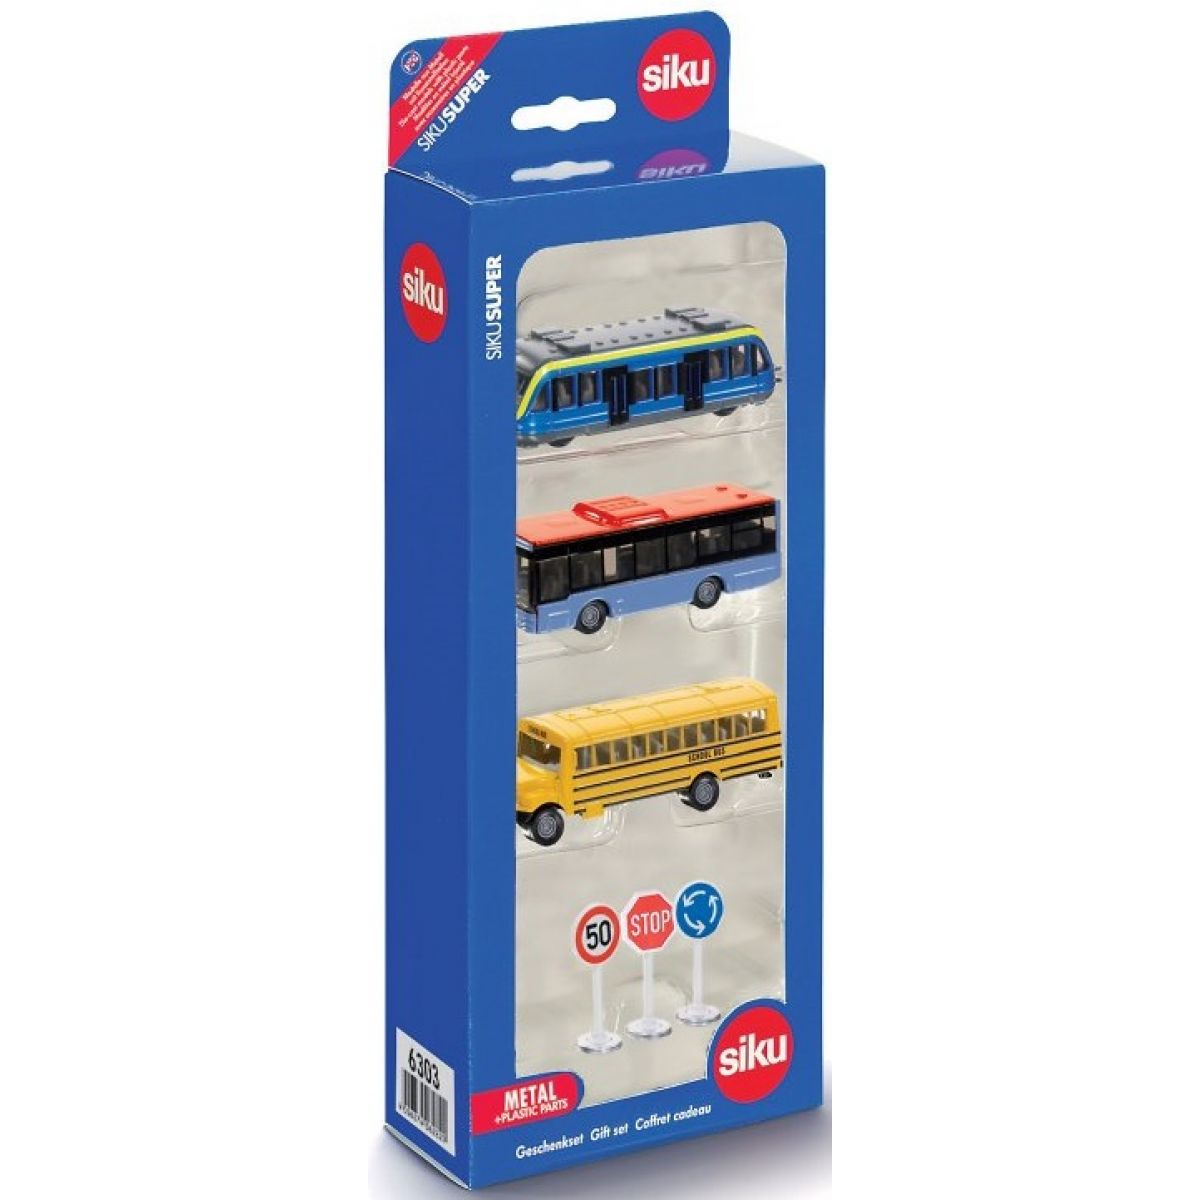 Siku Super 6303 Set městská vozidla a značky žlutý autobus